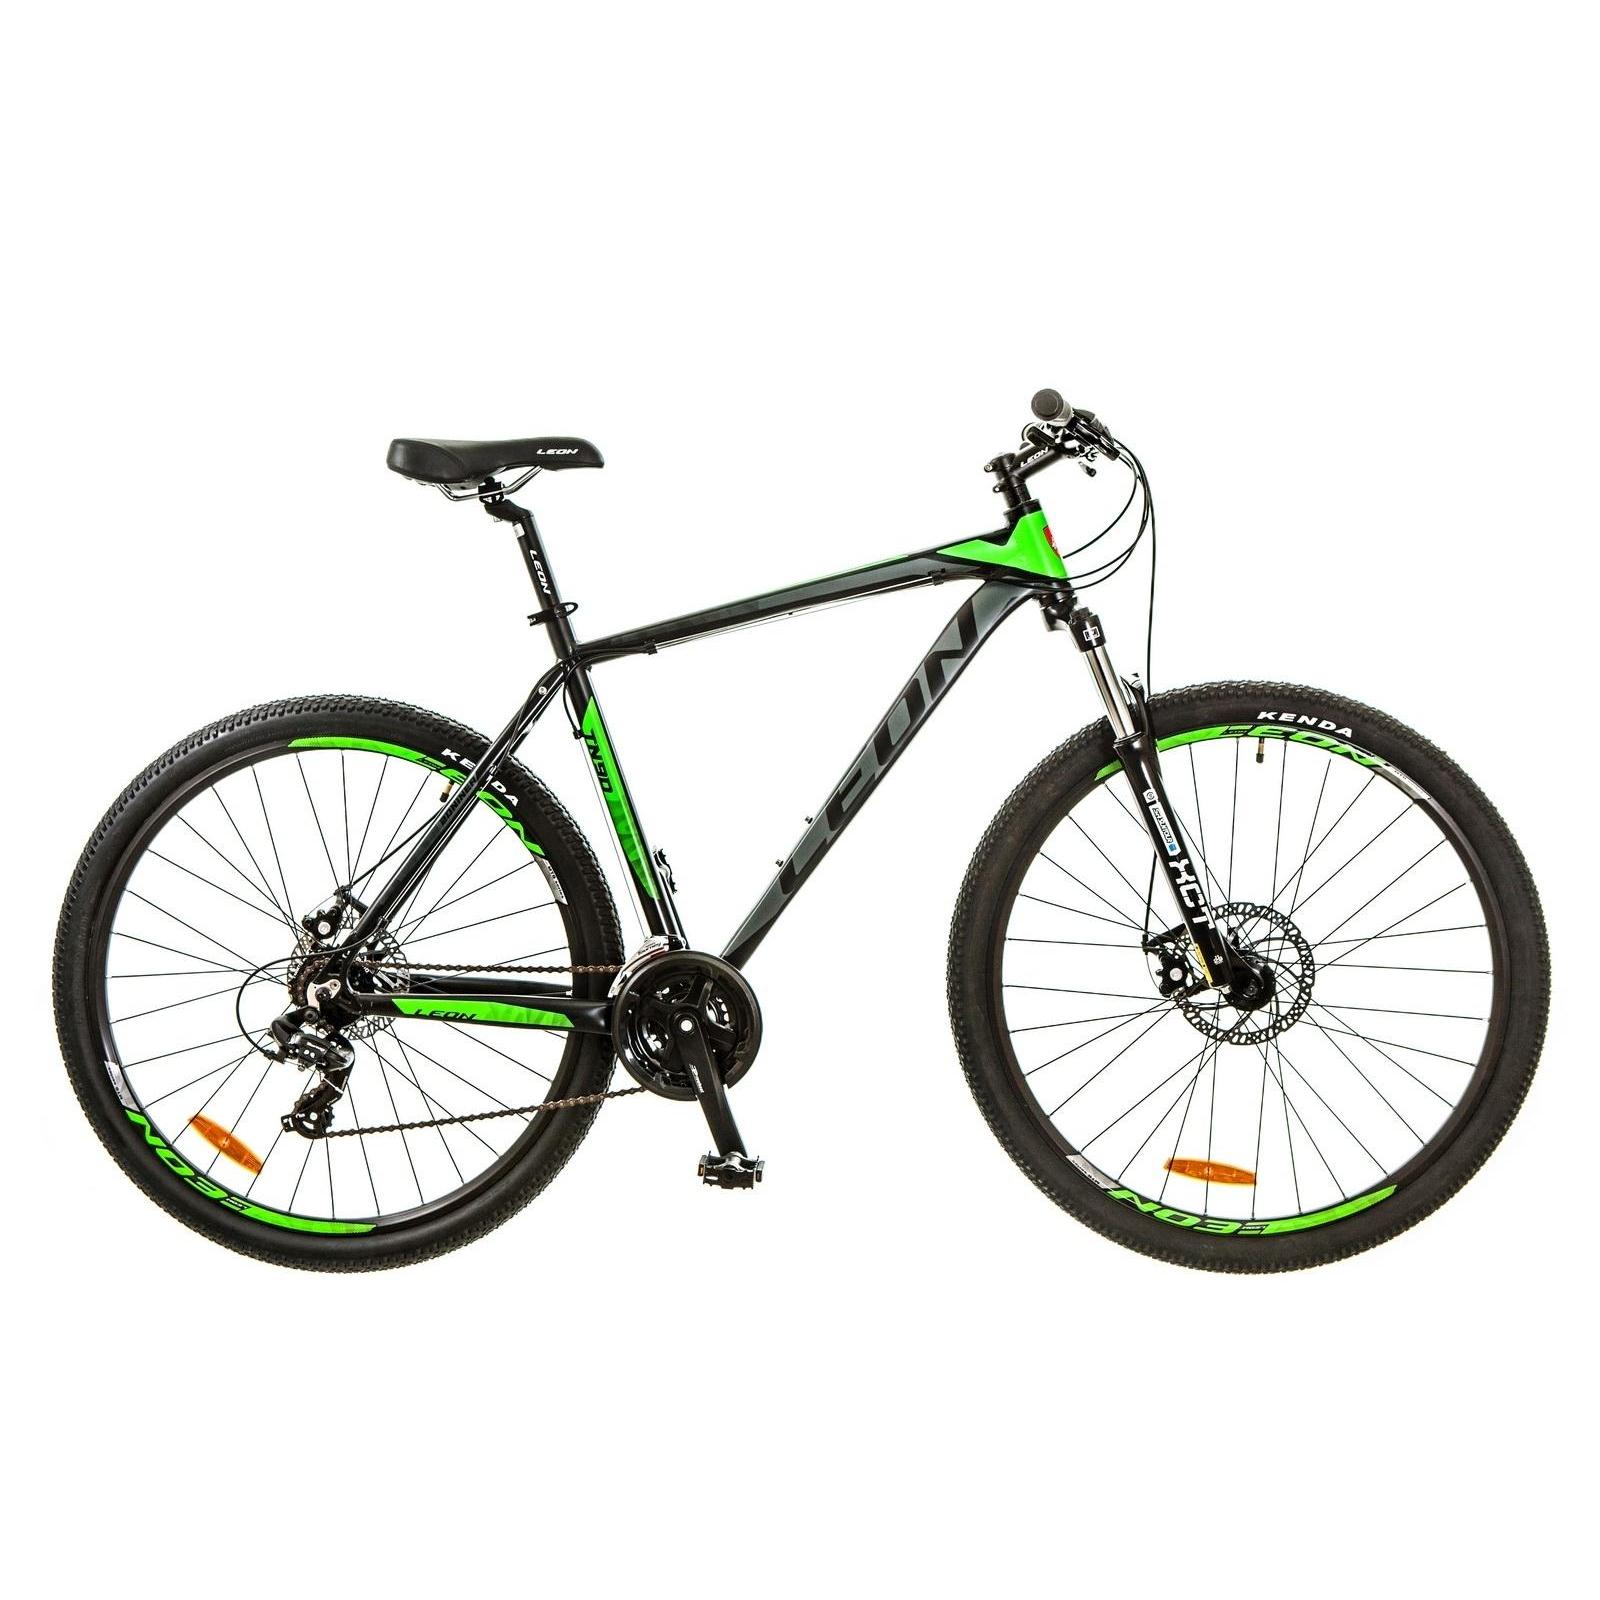 """Велосипед Leon 29"""" TN-90 2018 AM Hydraulic lock out 14G DD рама-18"""" Al (OPS-LN-29-044)"""